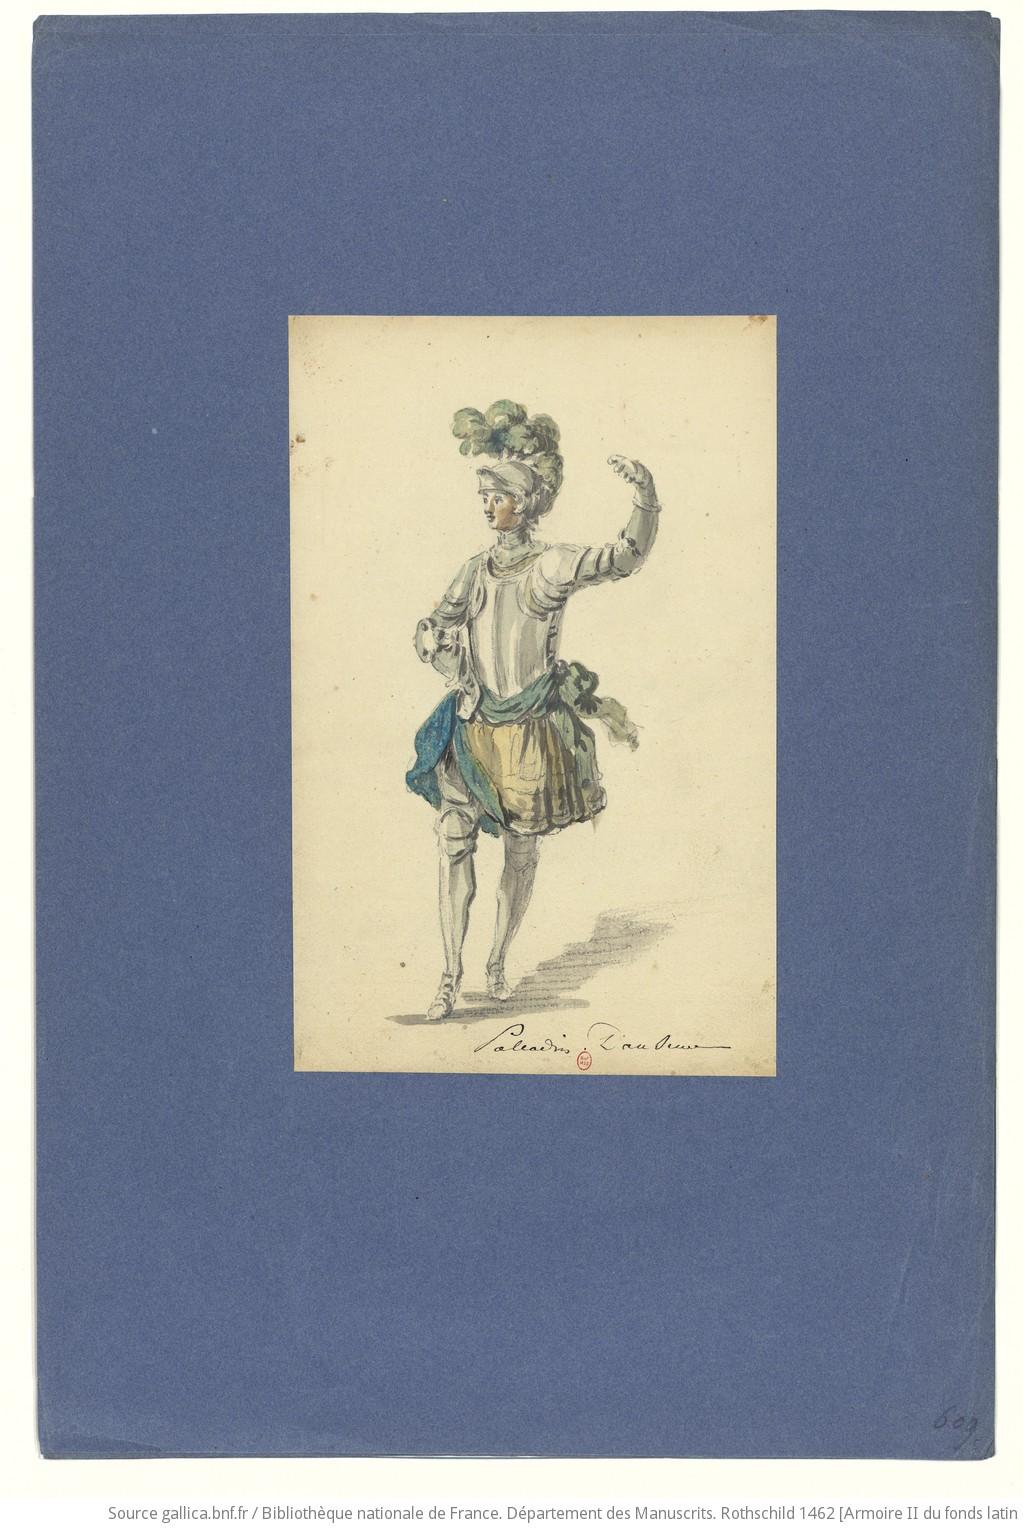 Les habits d'opéra au XVIIIe siècle F40